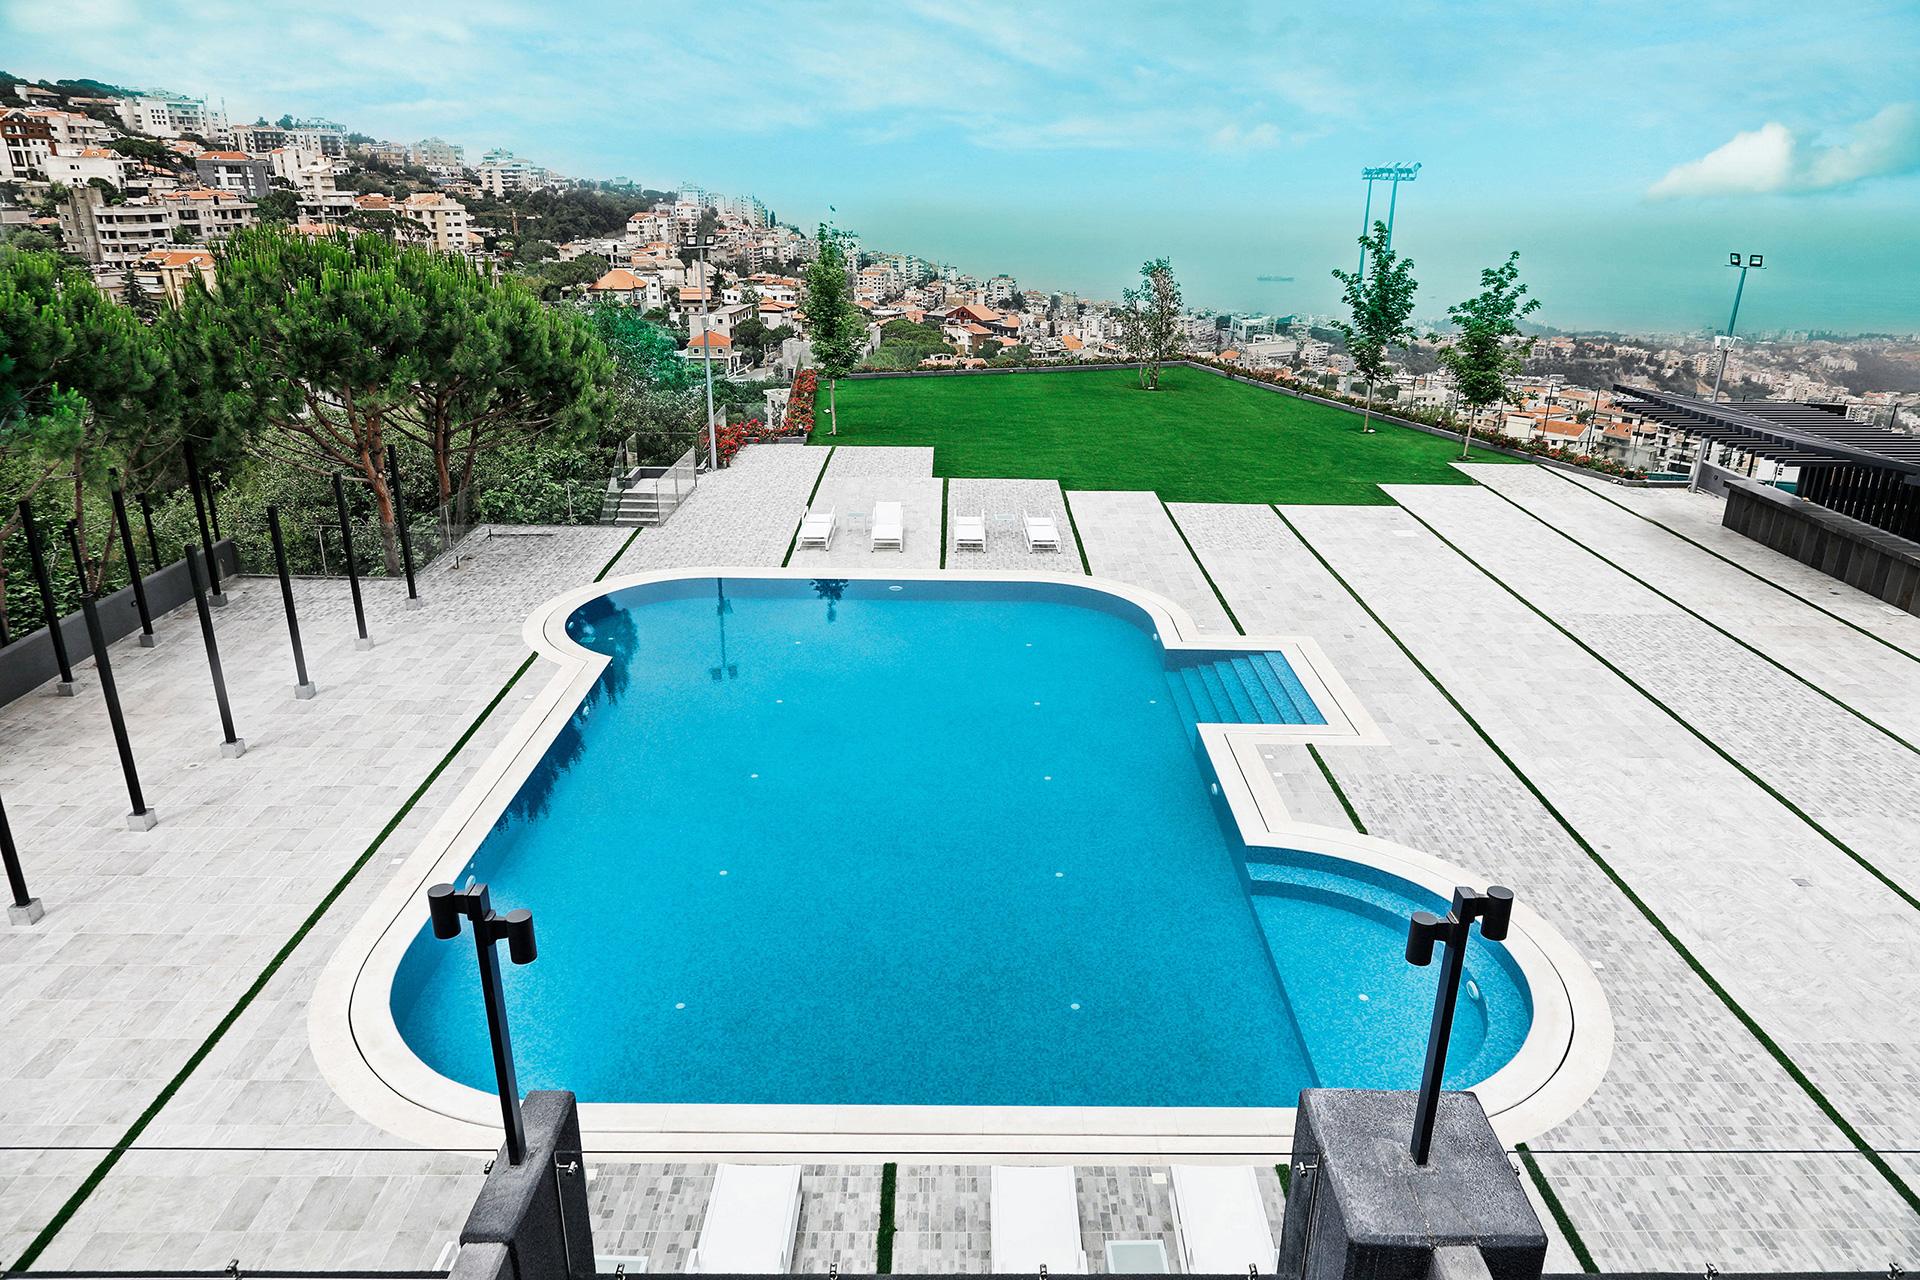 Le-Pave-Hotel-Lebanon-Beirut-Outside-Pool